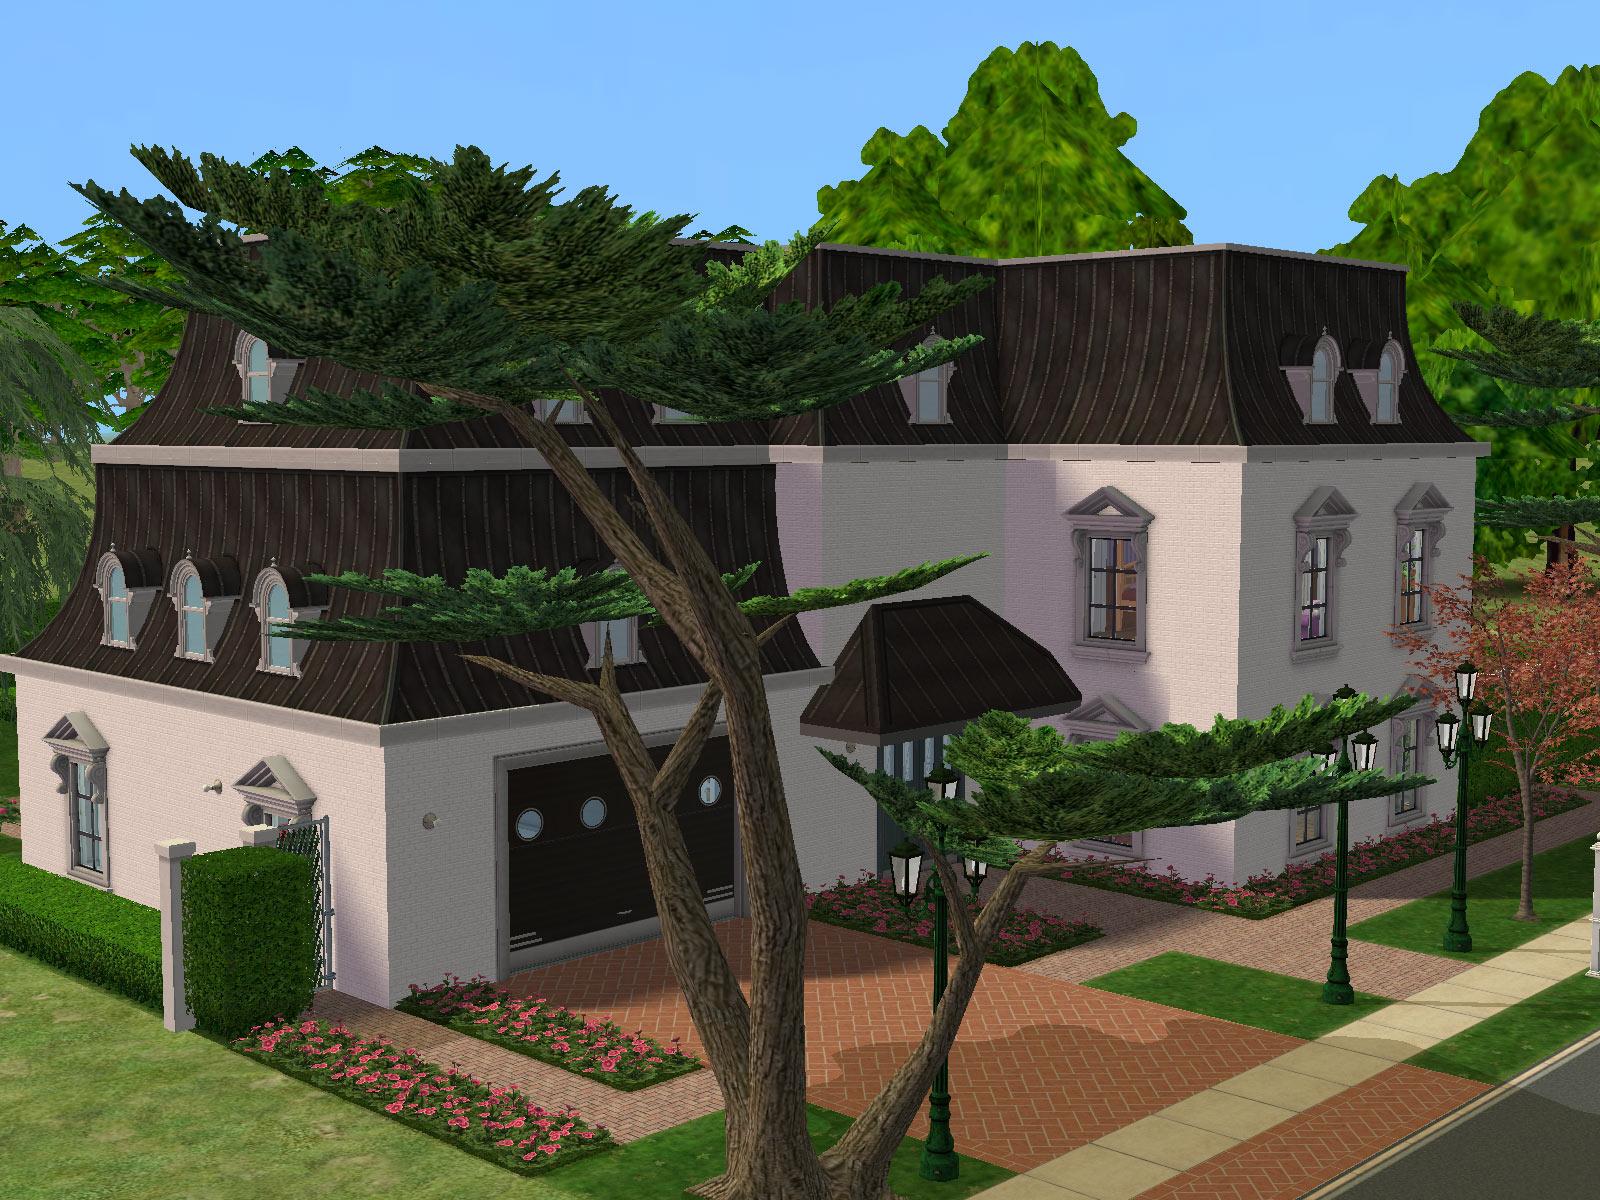 isrthe_white_cottage.jpg